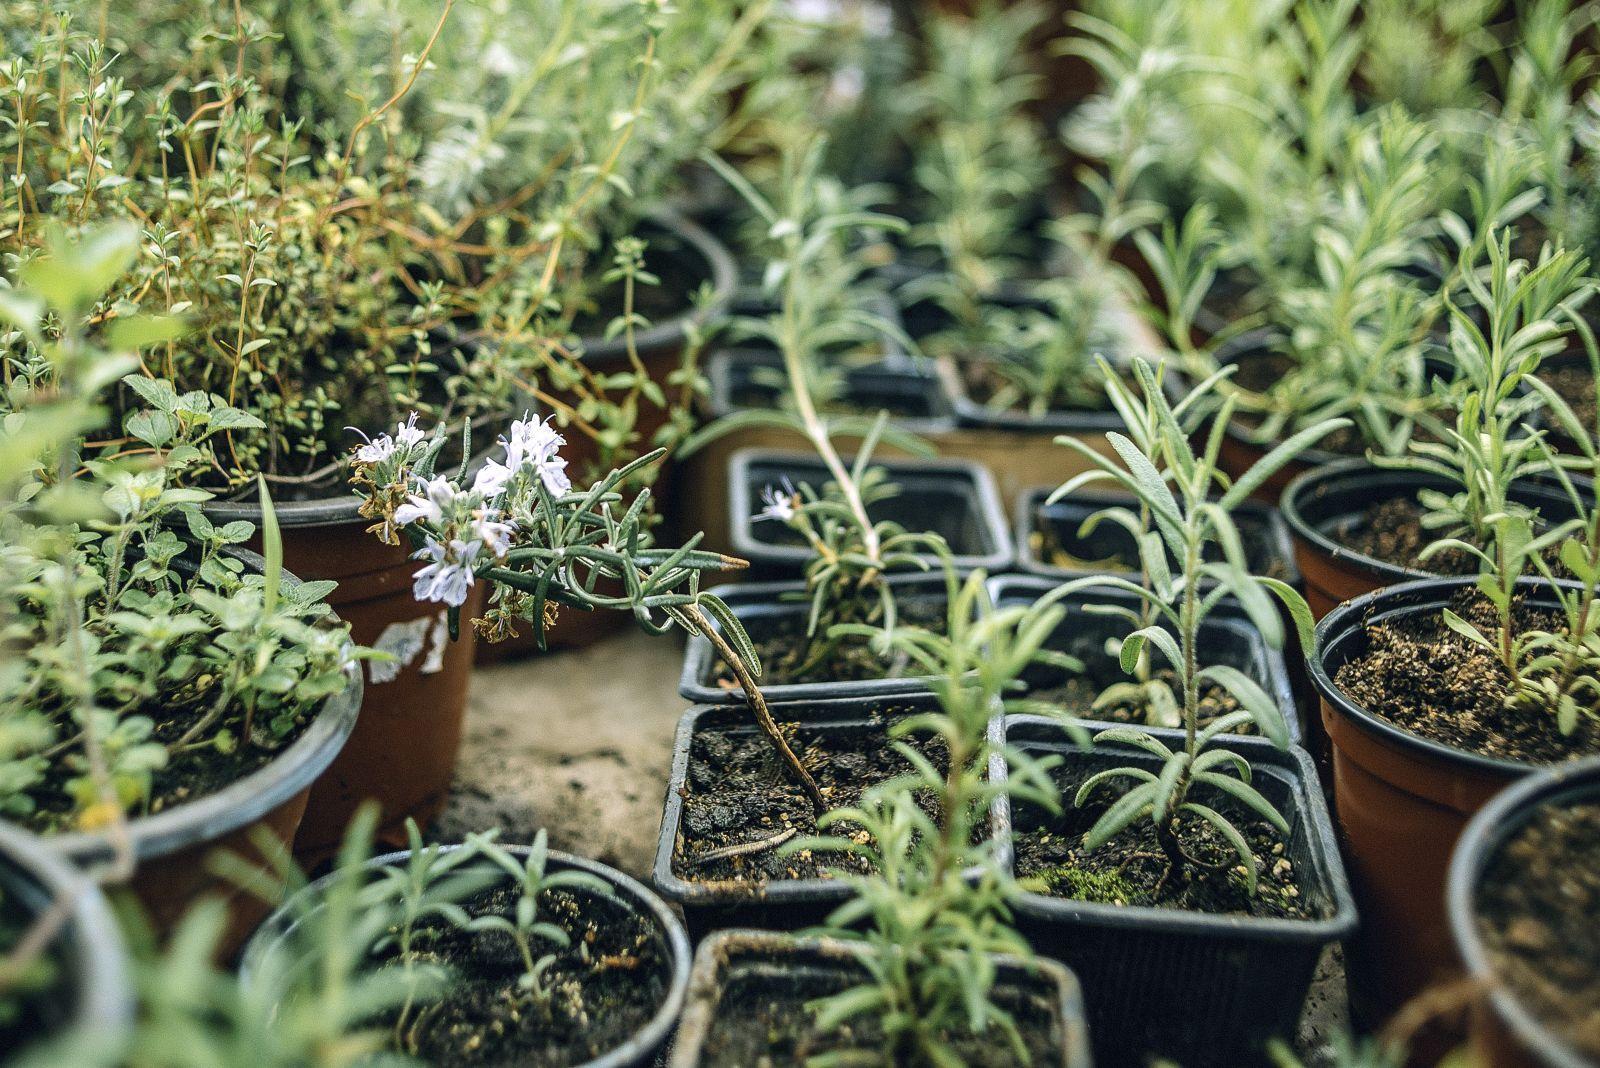 Розмарин – выращивание в открытом грунте Подмосковья и других регионов, условия ухода и фото